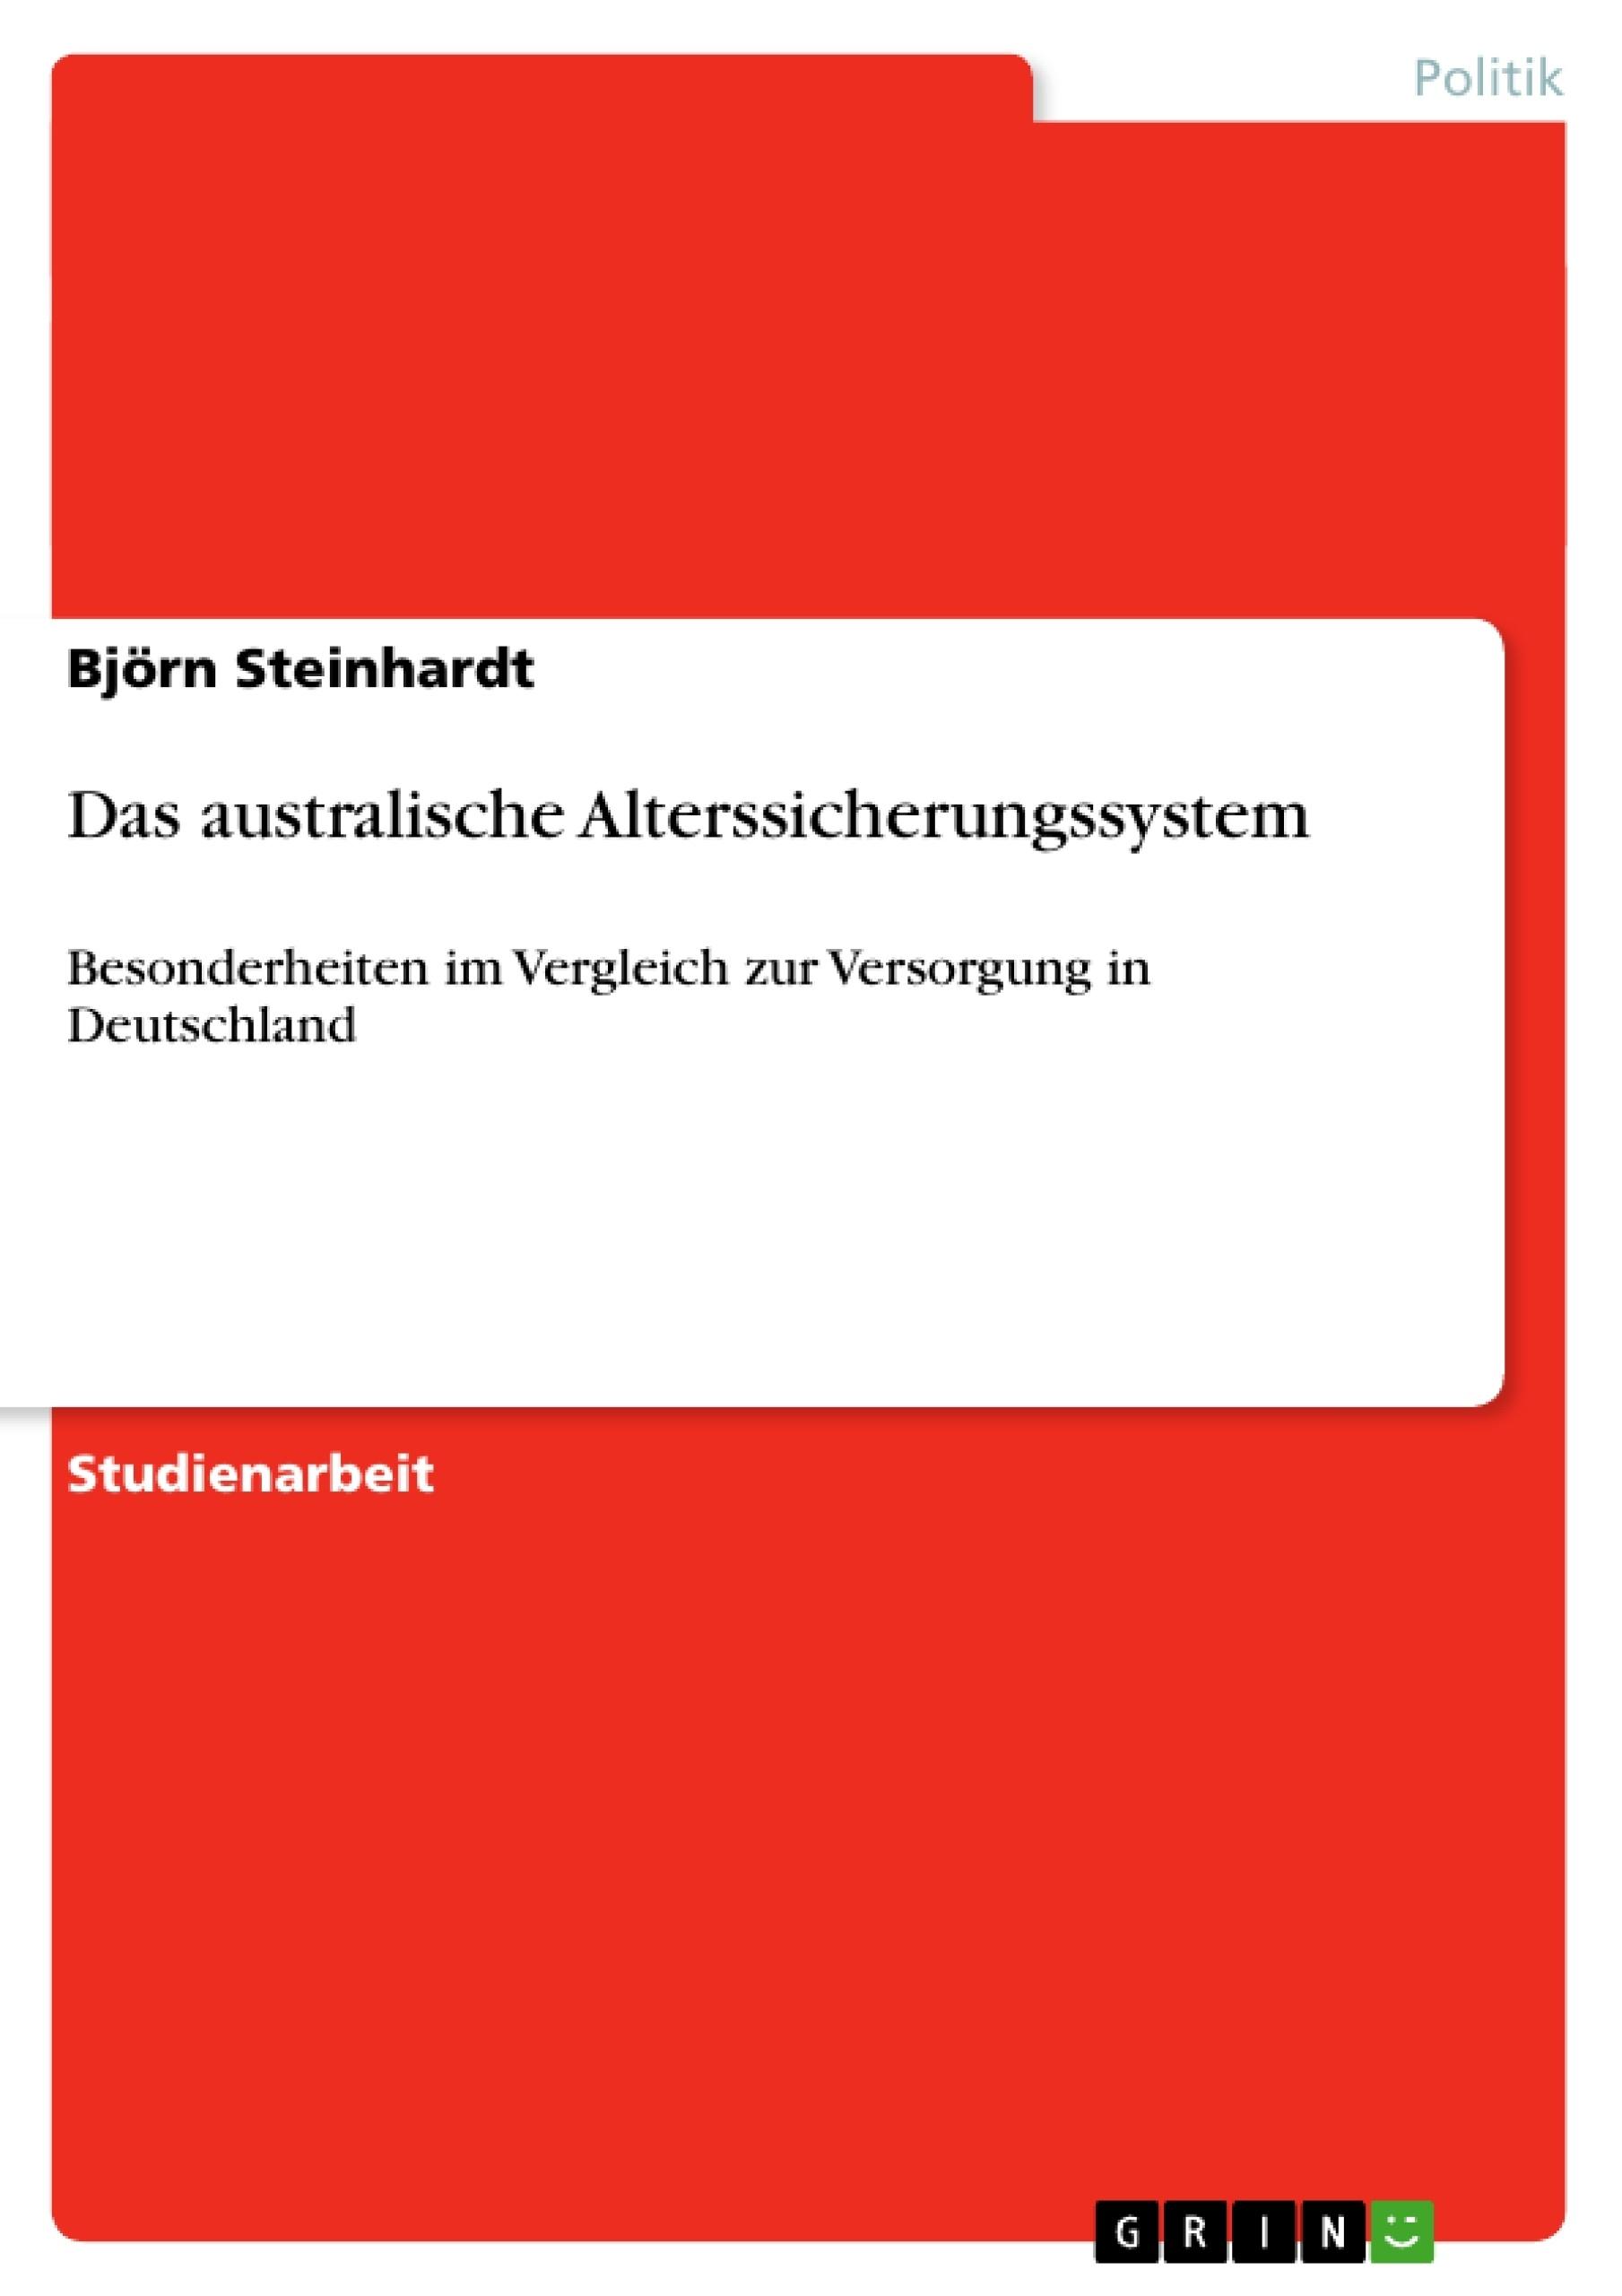 Titel: Das australische Alterssicherungssystem